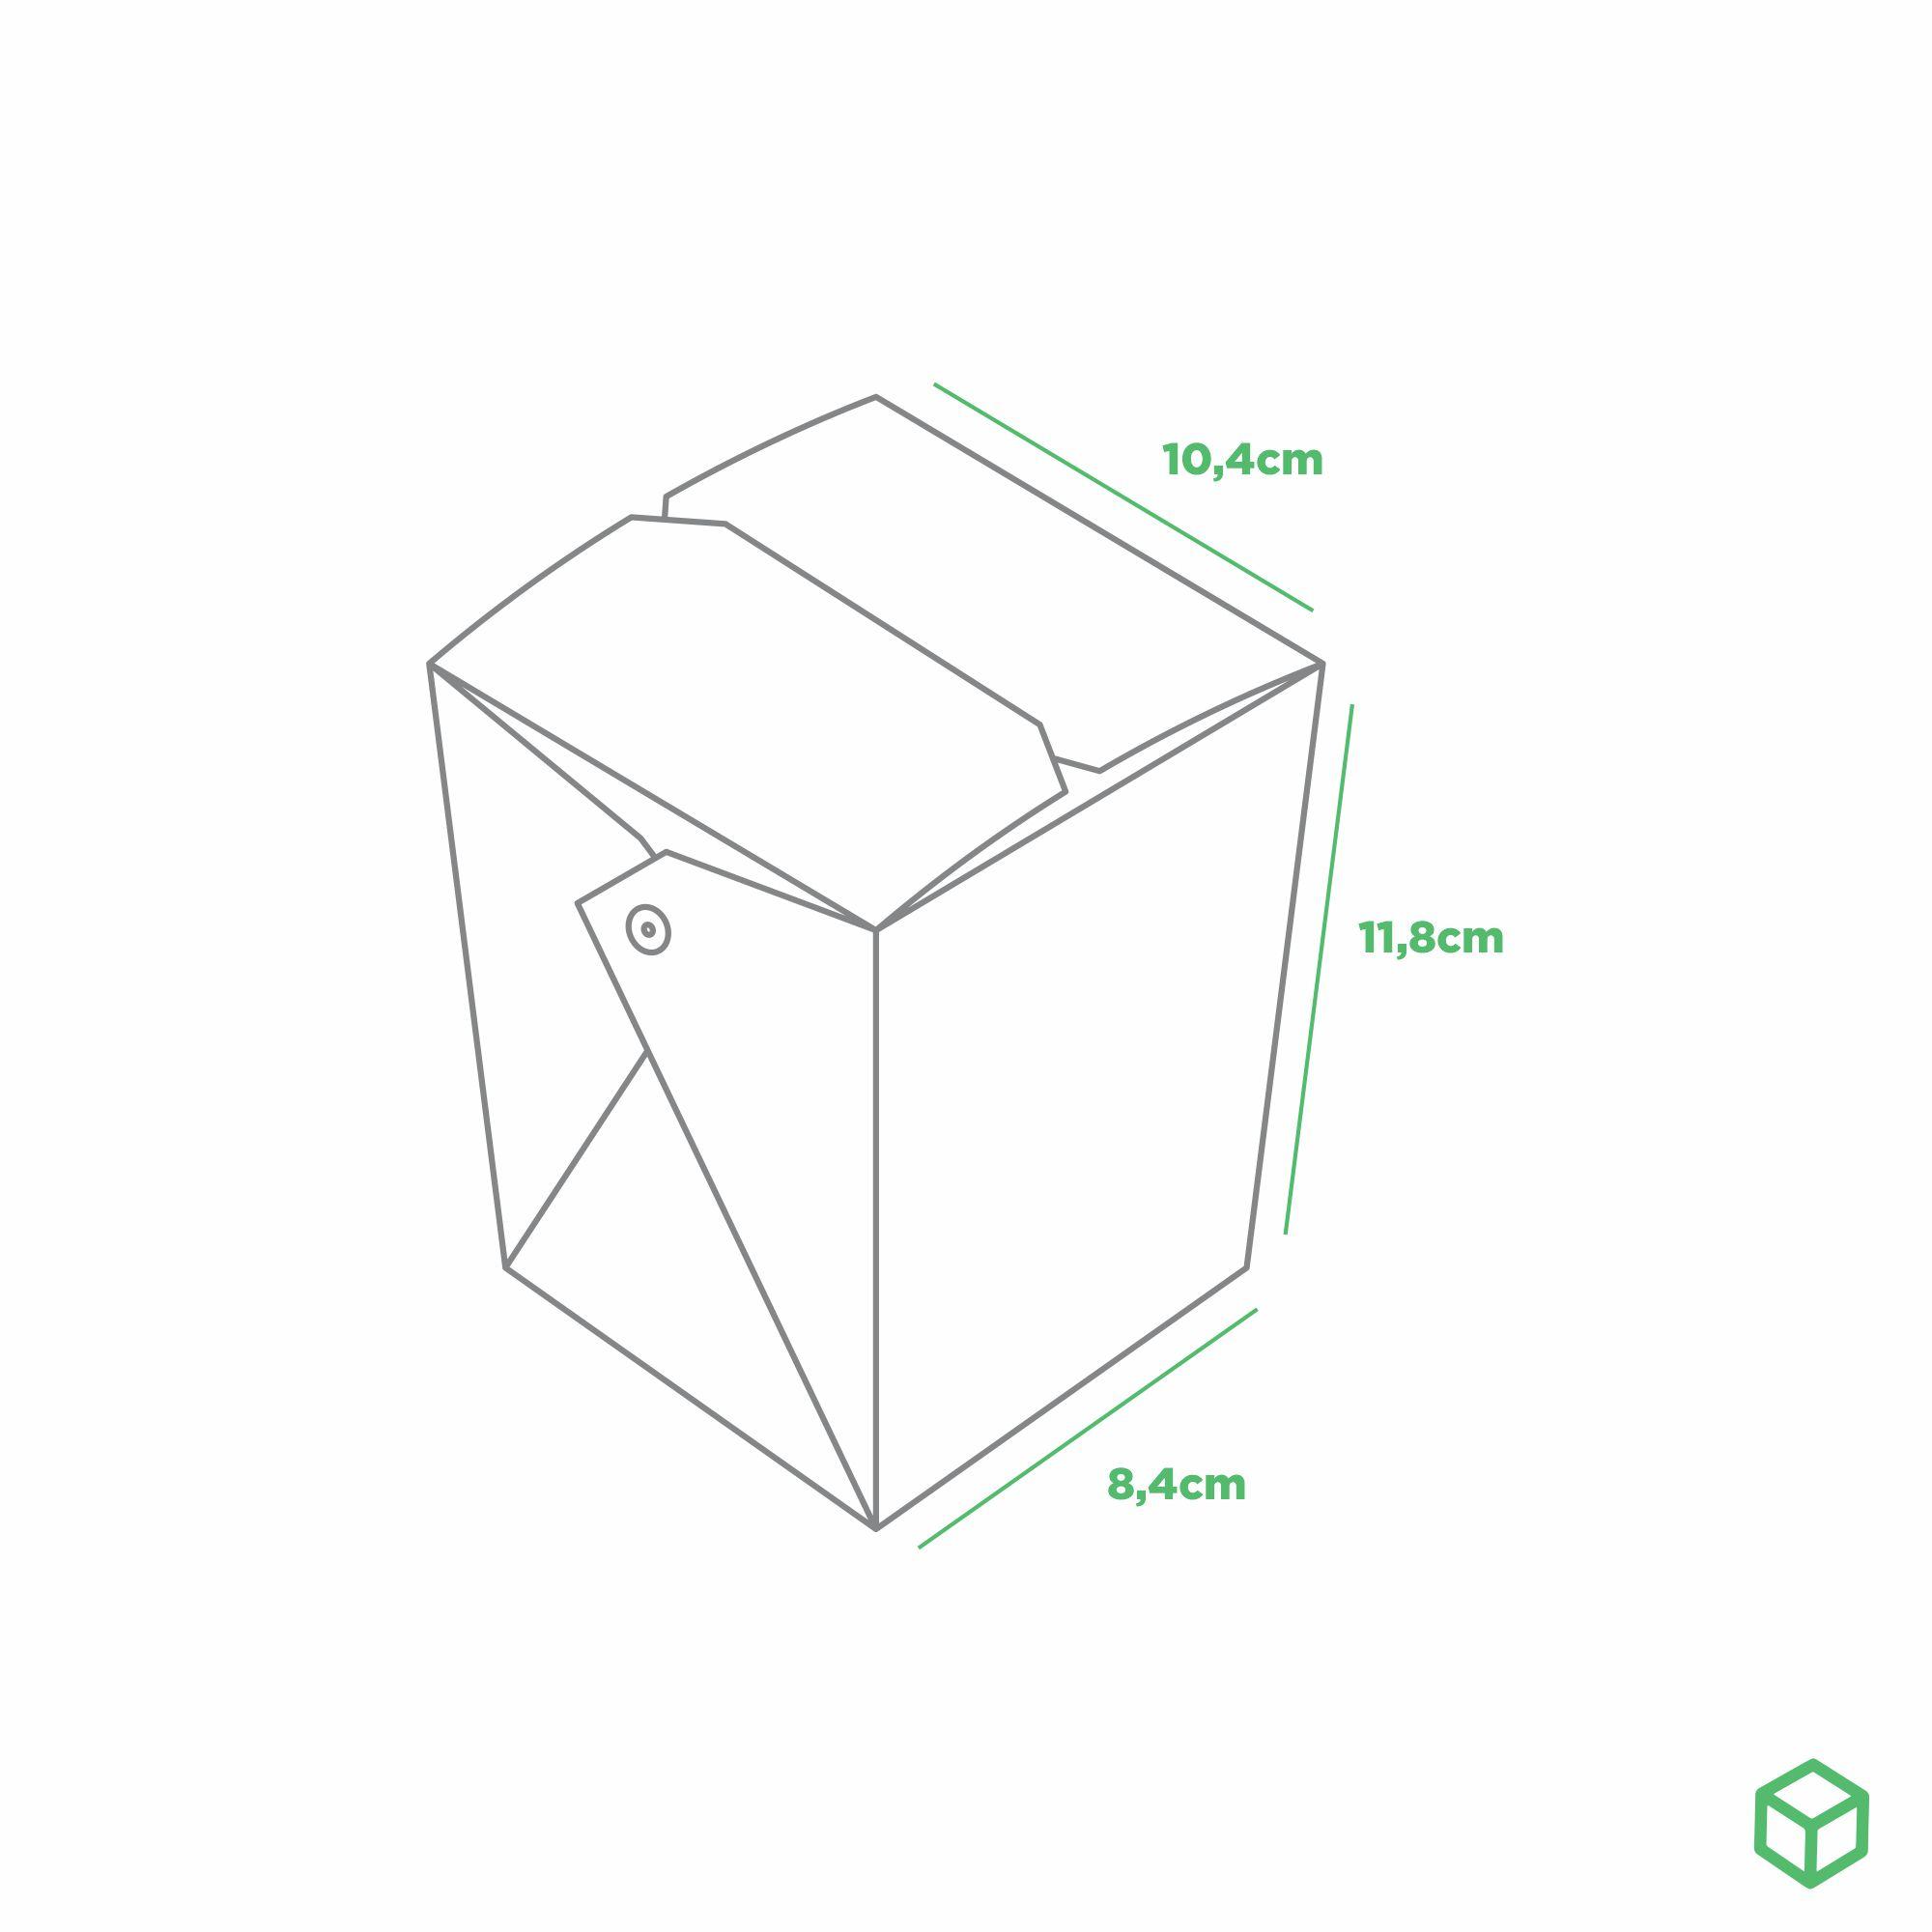 EMBALAGEM CAIXA BOX POSIBOX GRANDE COM PRESILHA ORIENTAL - DOURADO - RECEITA ESPECIAL - 100 UN